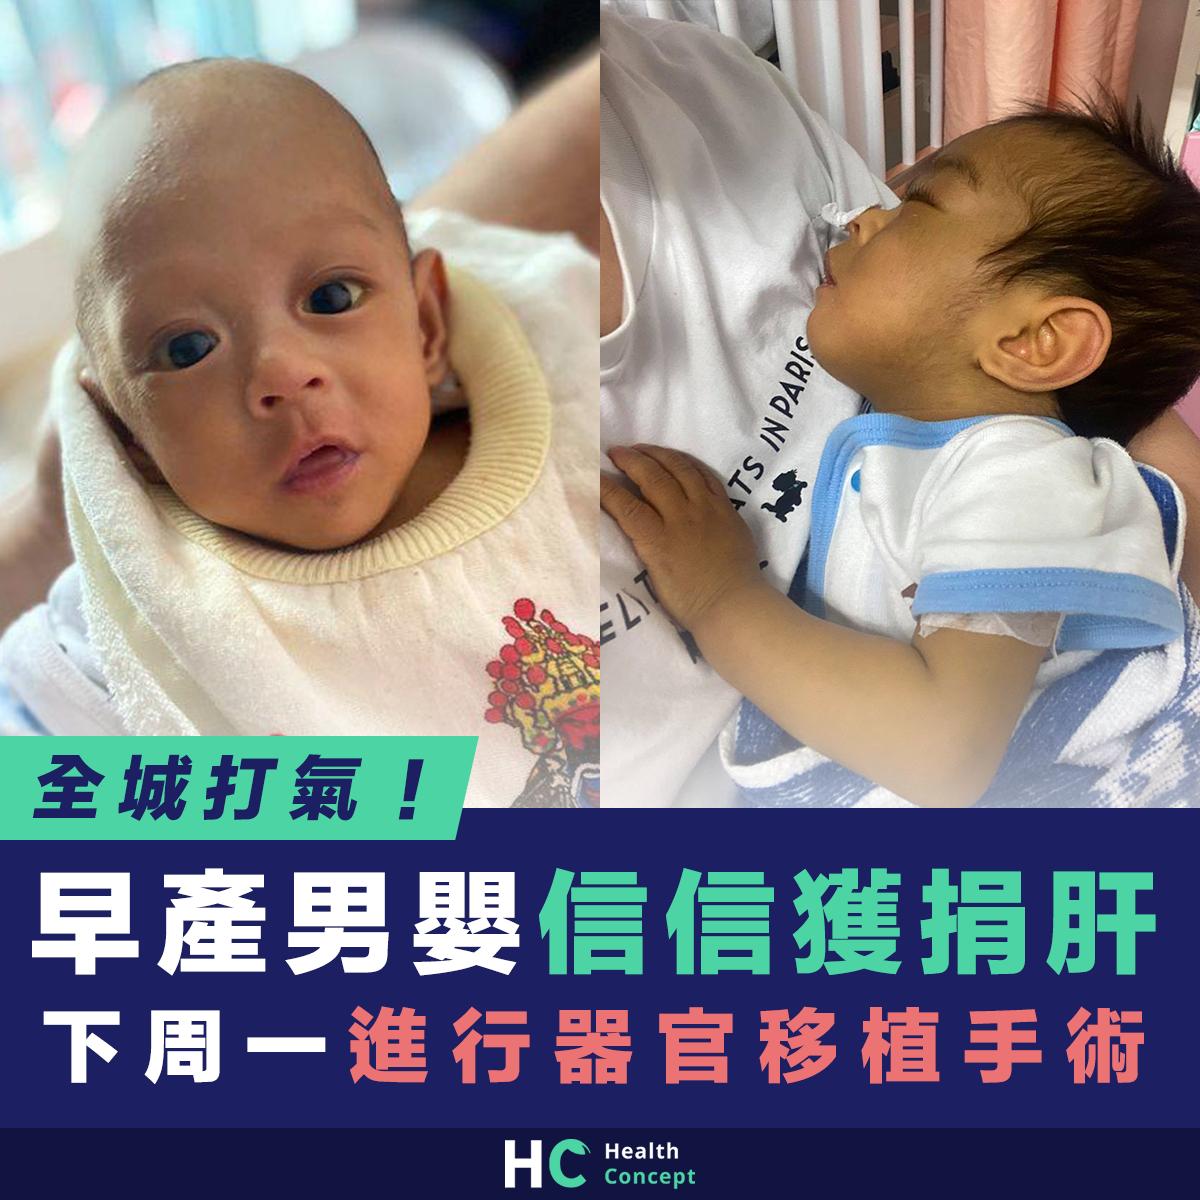 早產男嬰信信獲捐肝 下周一進行移植手術